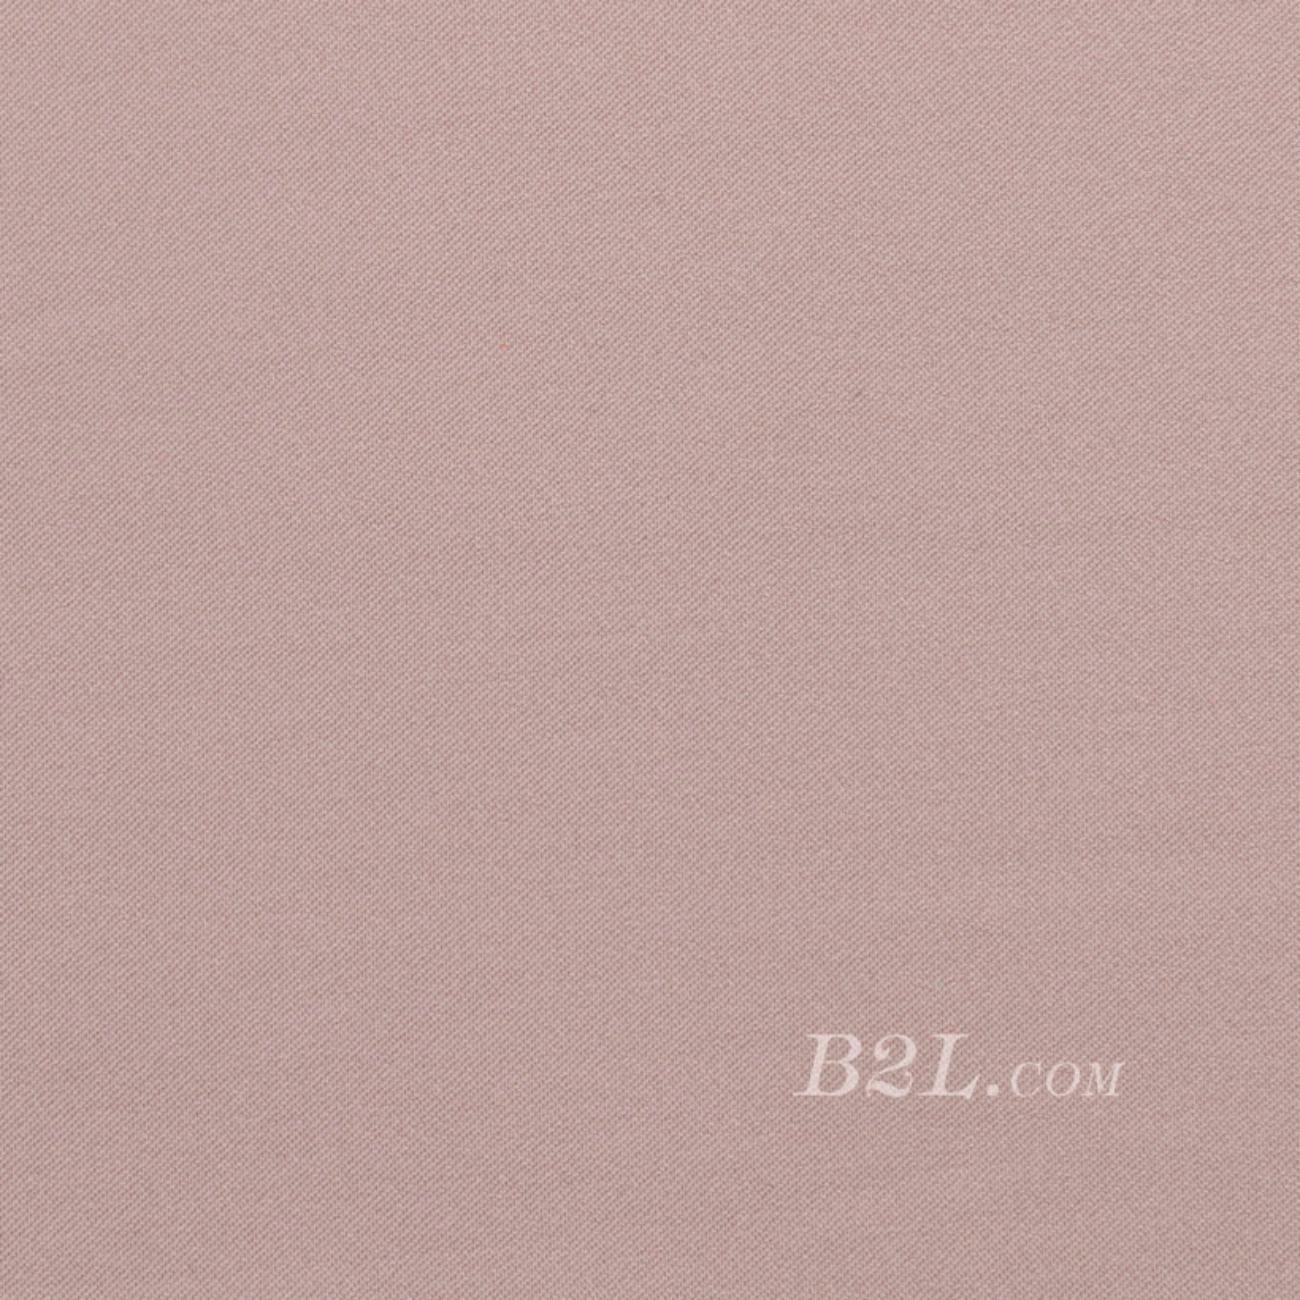 现货 斜纹素色喷水梭织染色工装制服保安服装面料 工作服 全涤 柔软 无弹 70911-6